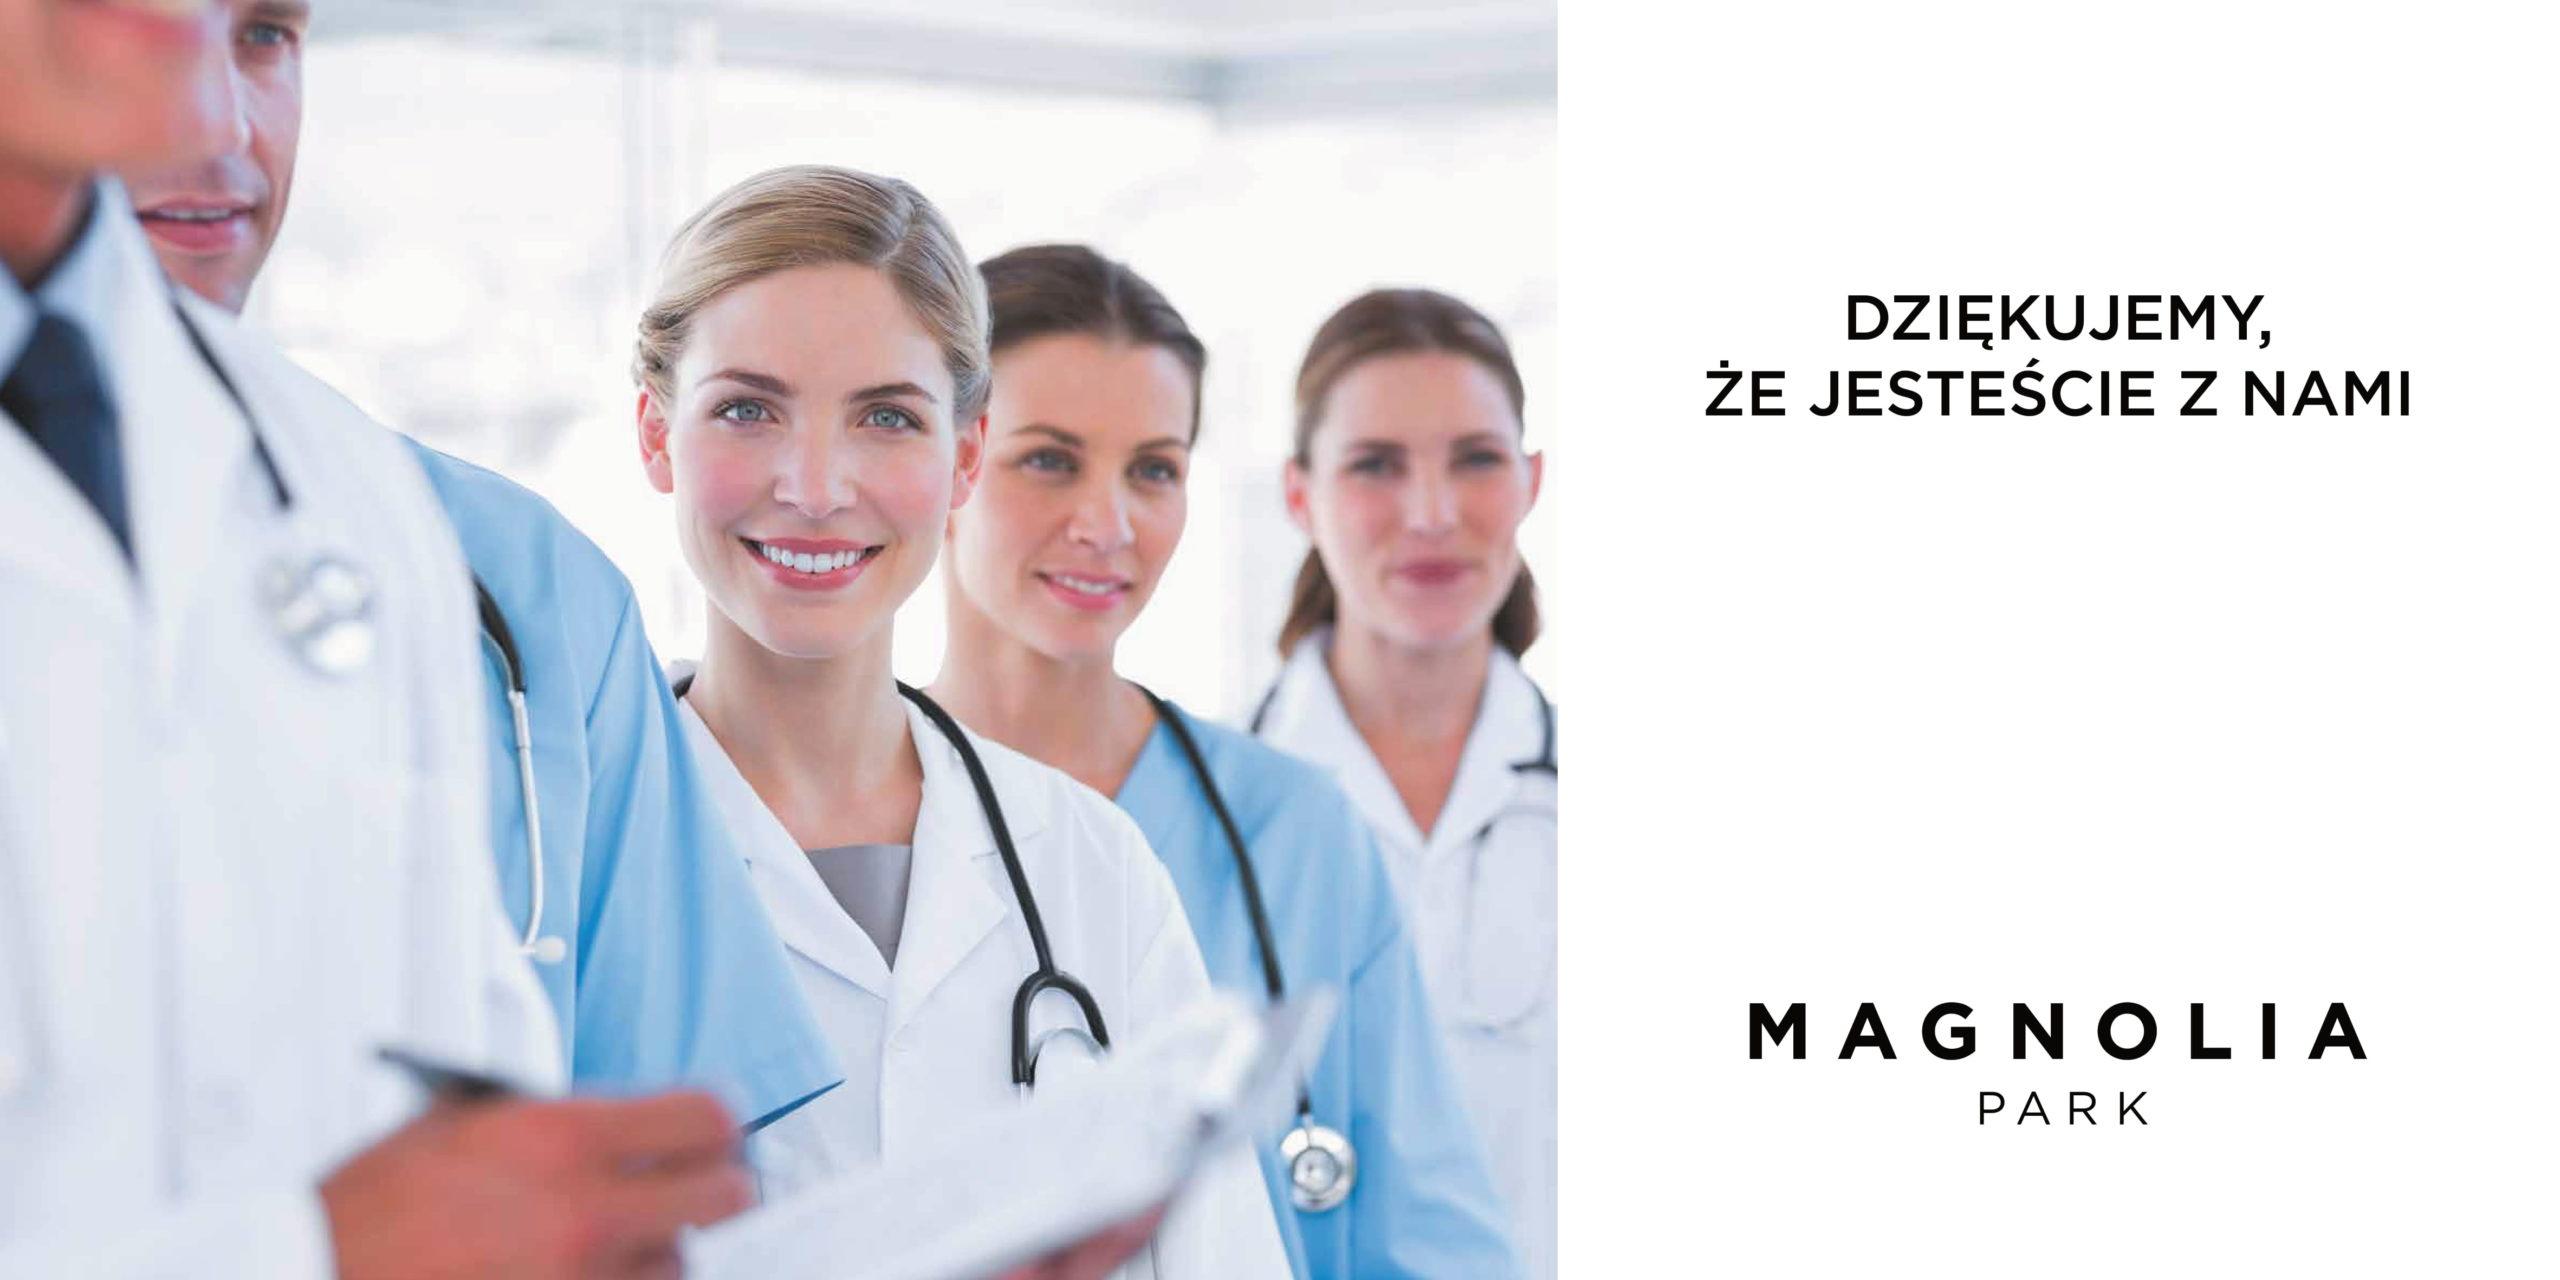 po lewej stronie zdjęcie lekarzy, po prawej białe tło i napis: dziękujemy, że jesteście z nami